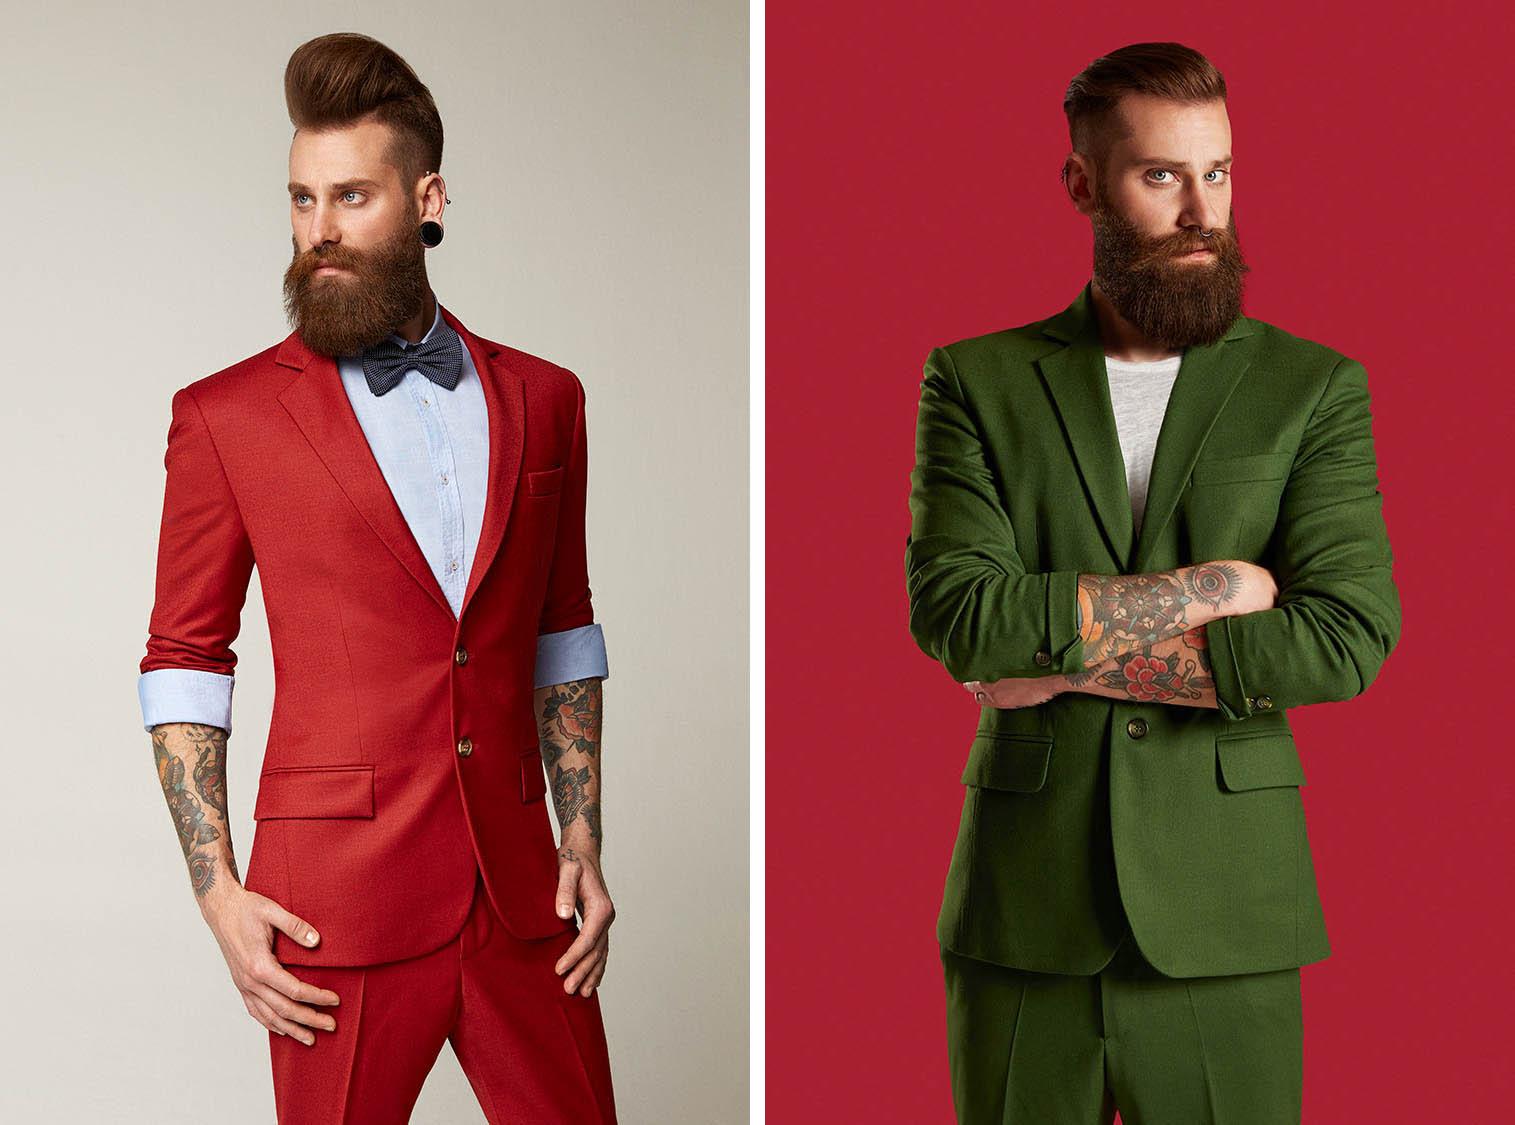 Mike_Abmaier_Fashion_004.jpg